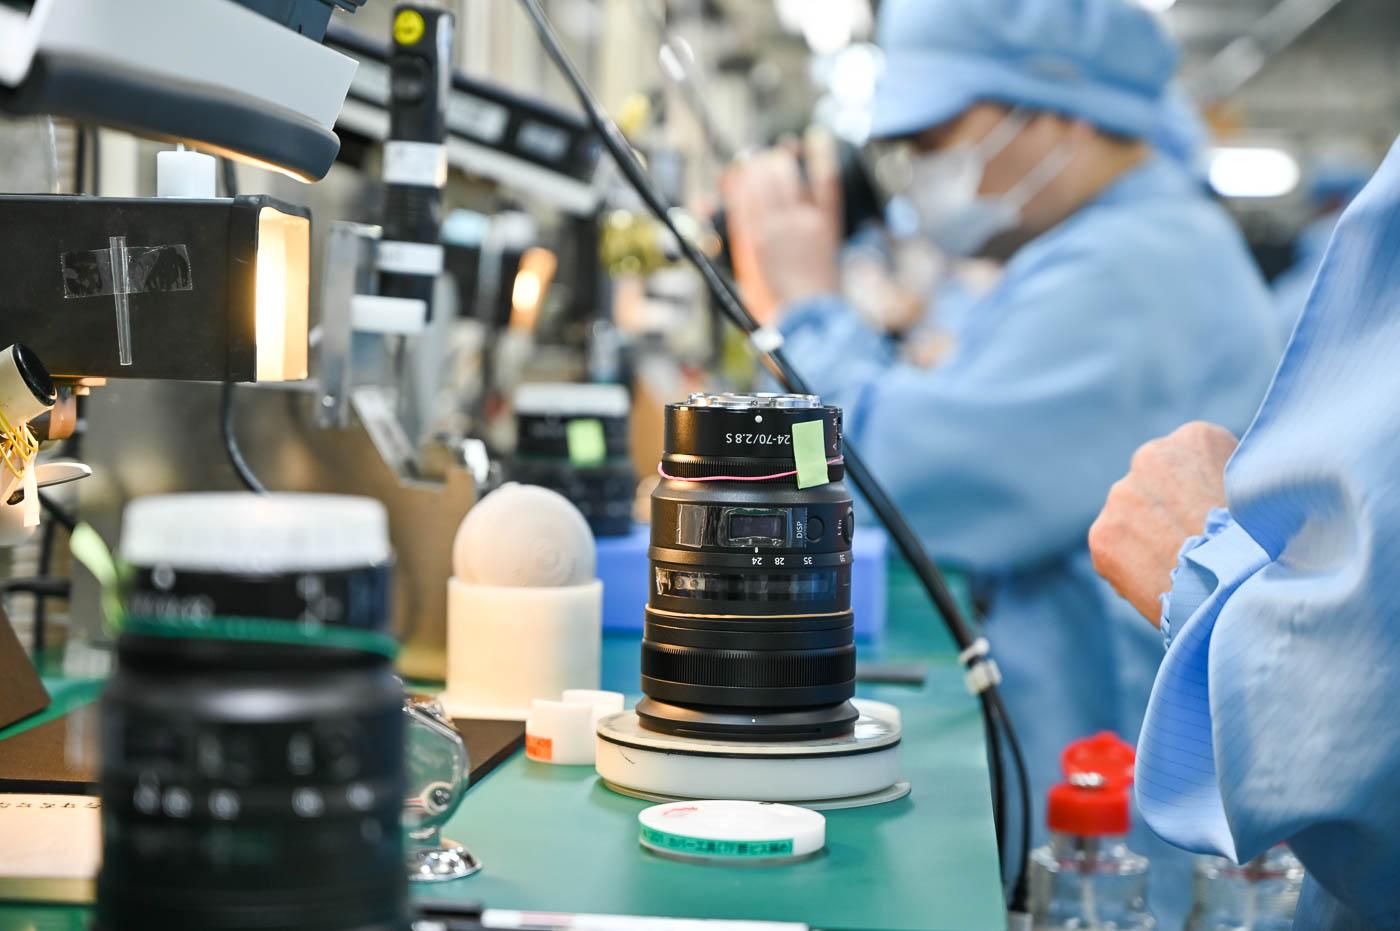 Visite d'usine : sur la ligne d'assemblage du NIKKOR Z 24-70mm f/2.8 S à Nikon Tochigi au Japon